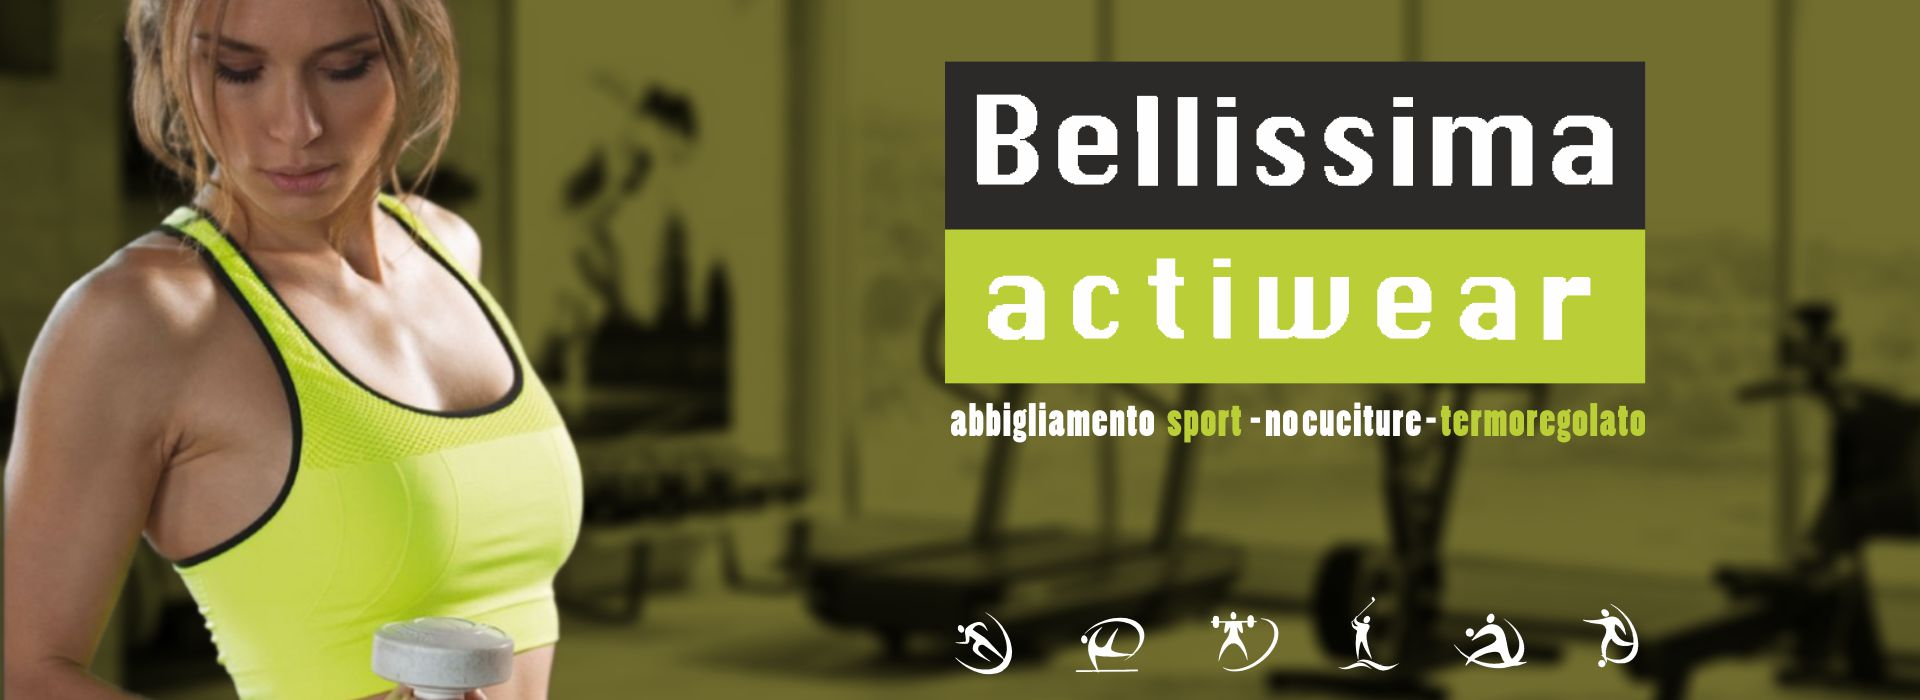 Bellissima Actiwear abbigliamento polisport